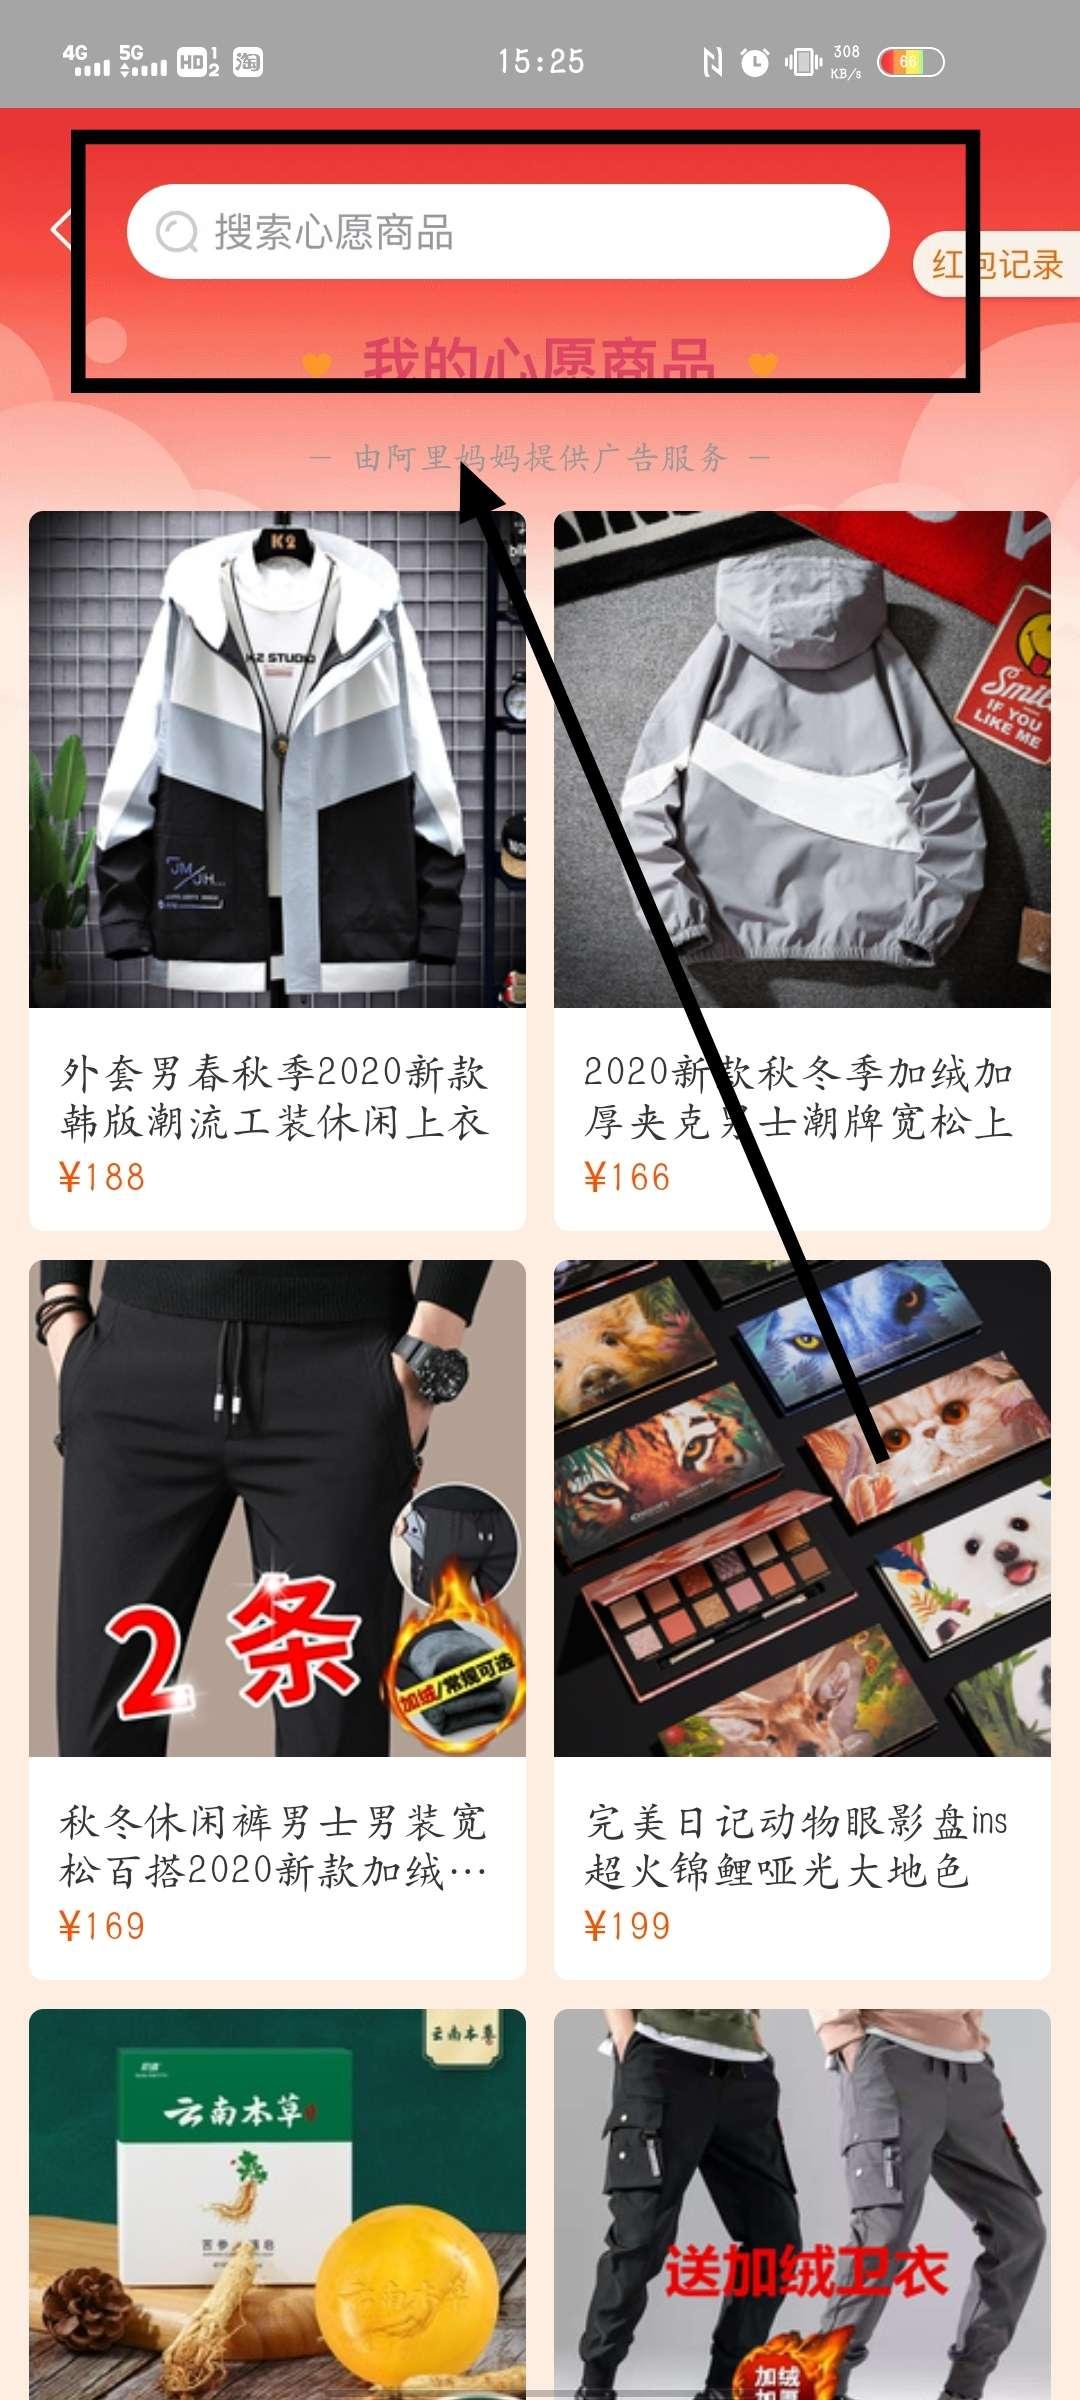 图片[4]-两张10元红包白嫖东西(上次菜鸟裹裹提现没成功的来)-老友薅羊毛活动线报网